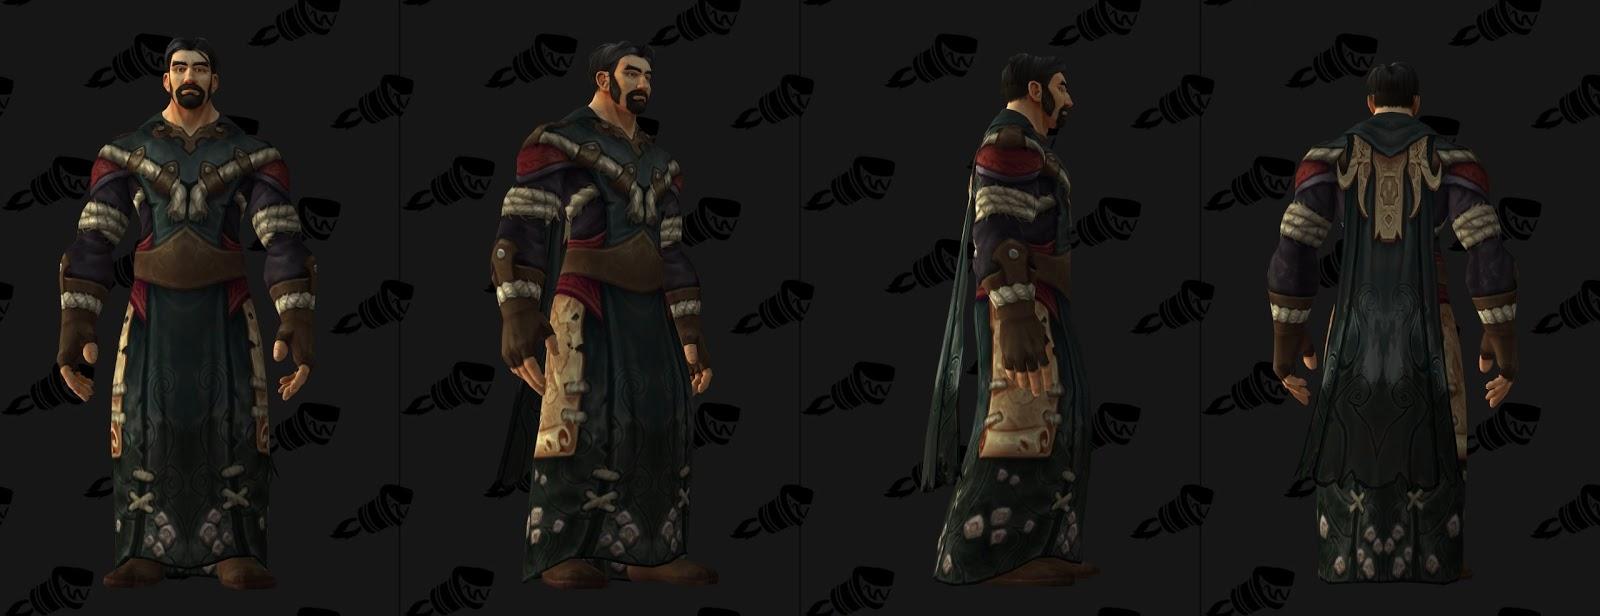 ¿Se ha filtrado la nueva expansión de World of Warcraft?, teorías expuestas